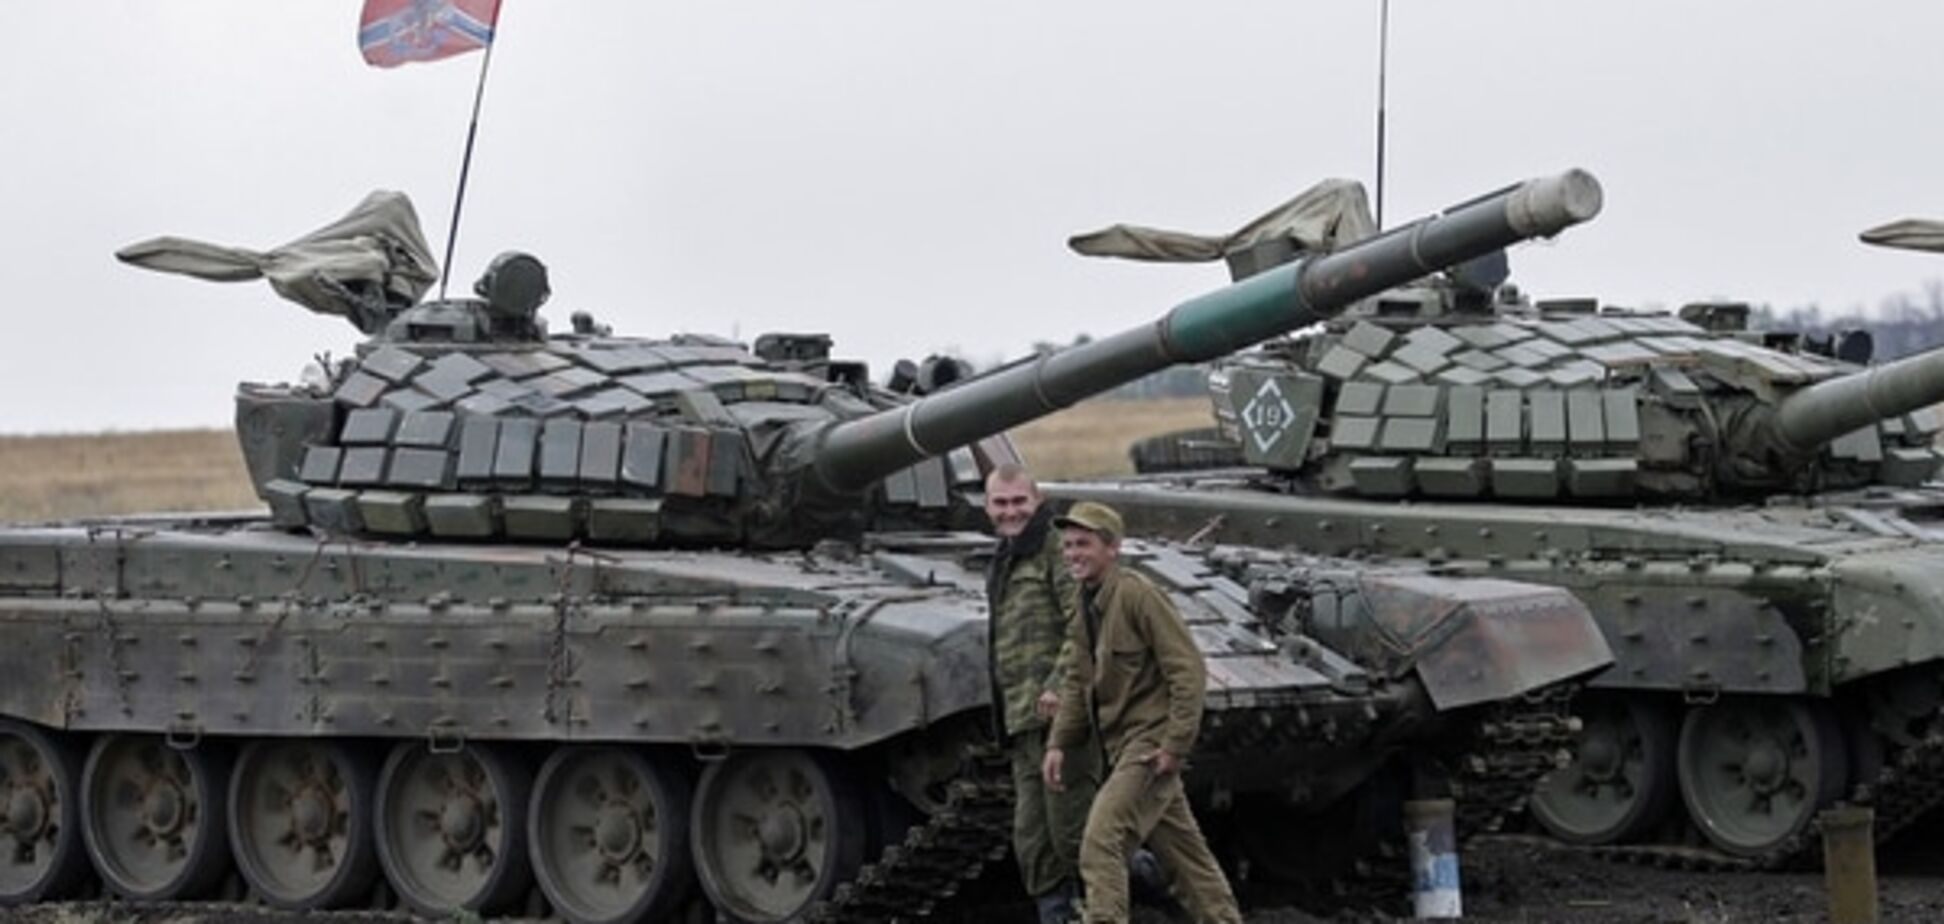 ФСБ закручивает гайки любителям 'русского мира' на Донбассе - Карин